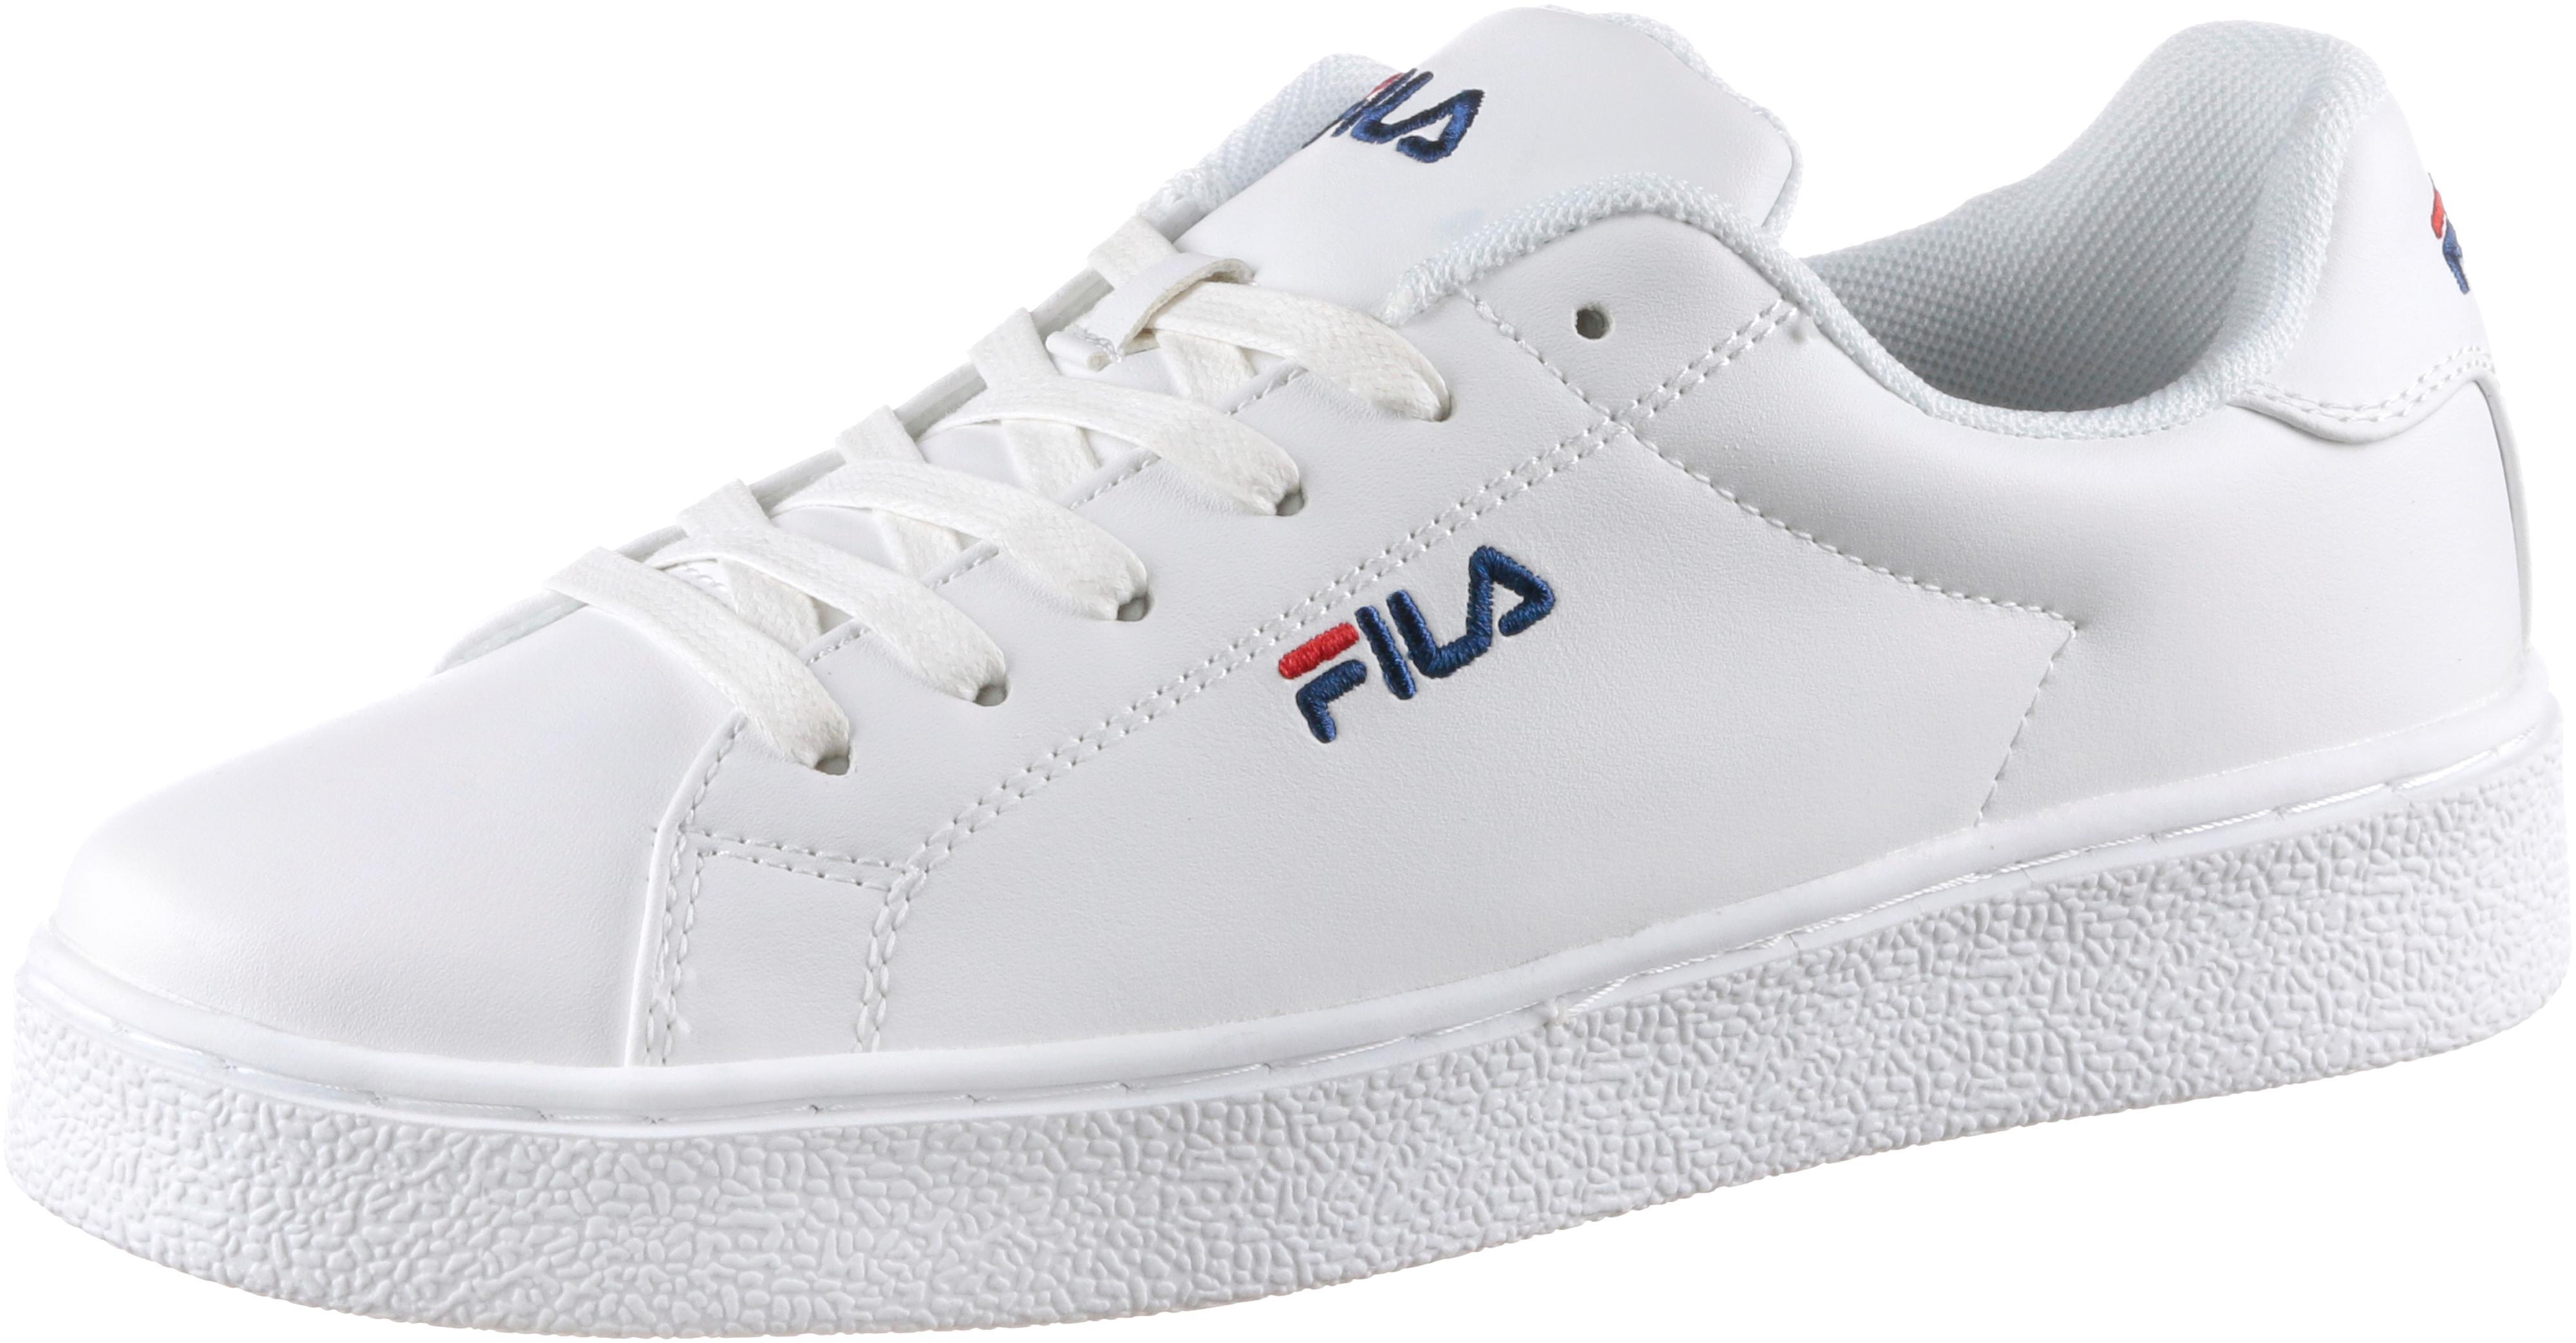 FILA UPSTAGE Sneaker Damen white im Online Shop von SportScheck kaufen